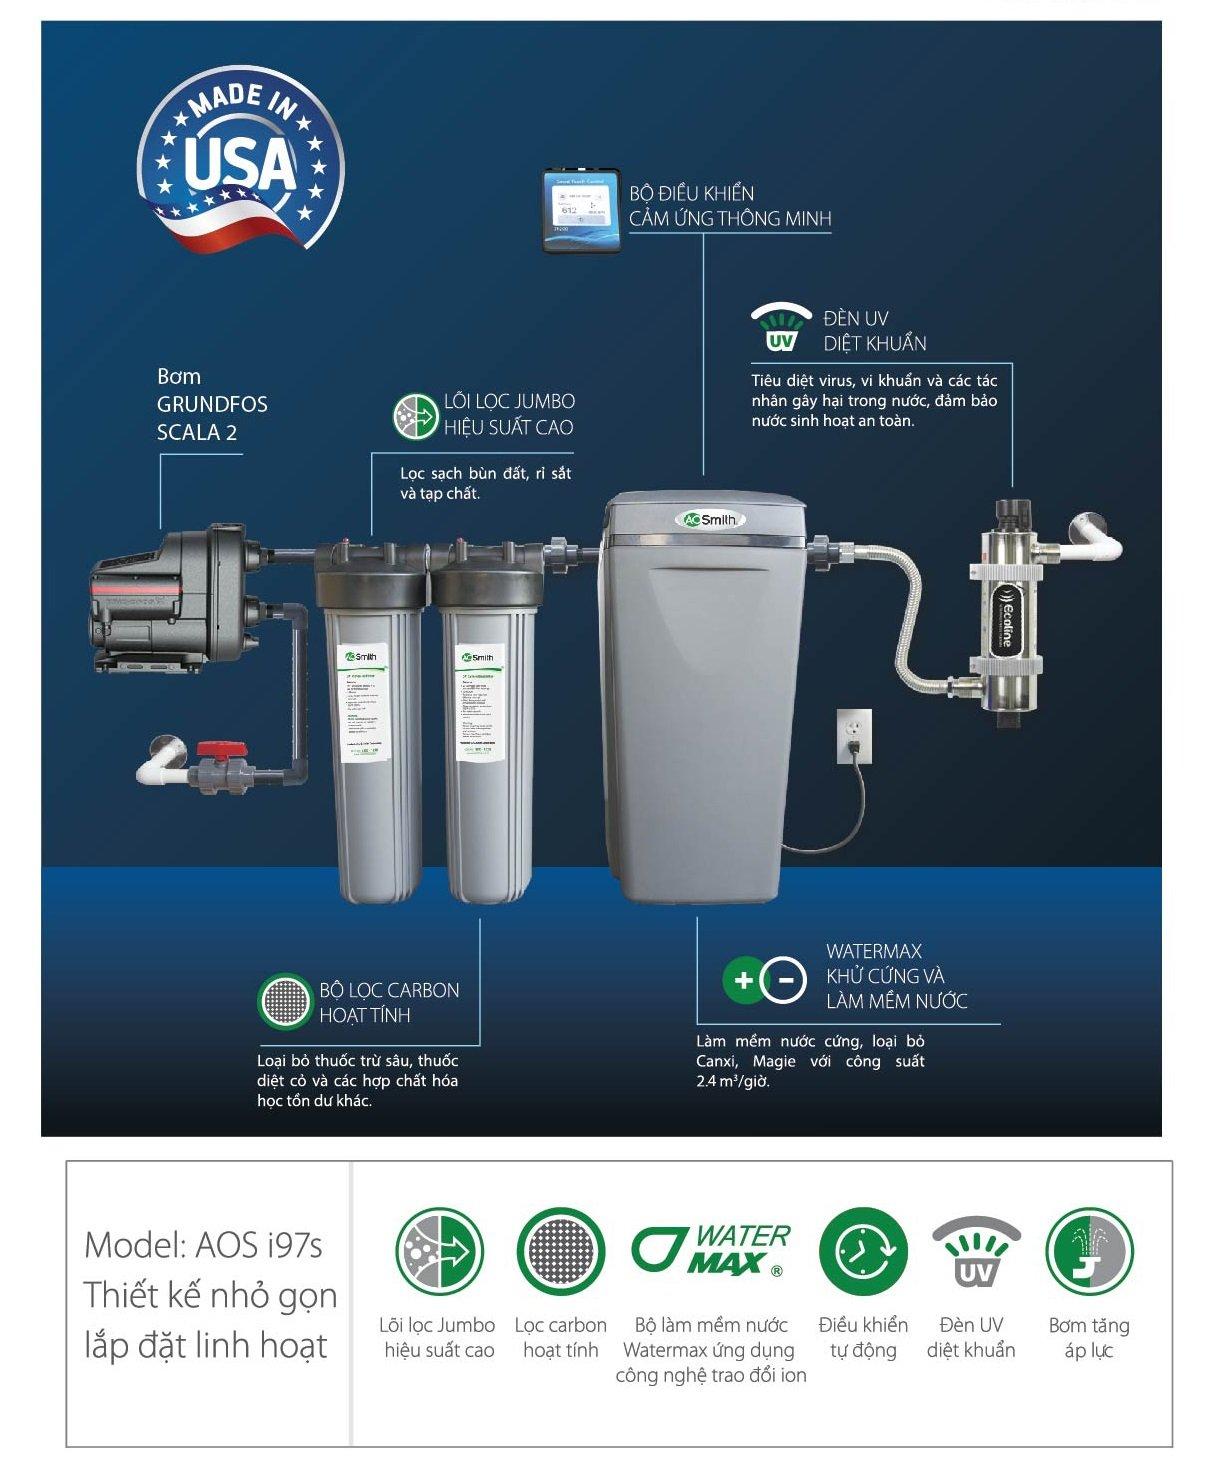 Hệ Thống Lọc Nước Đầu Nguồn AOS I97s